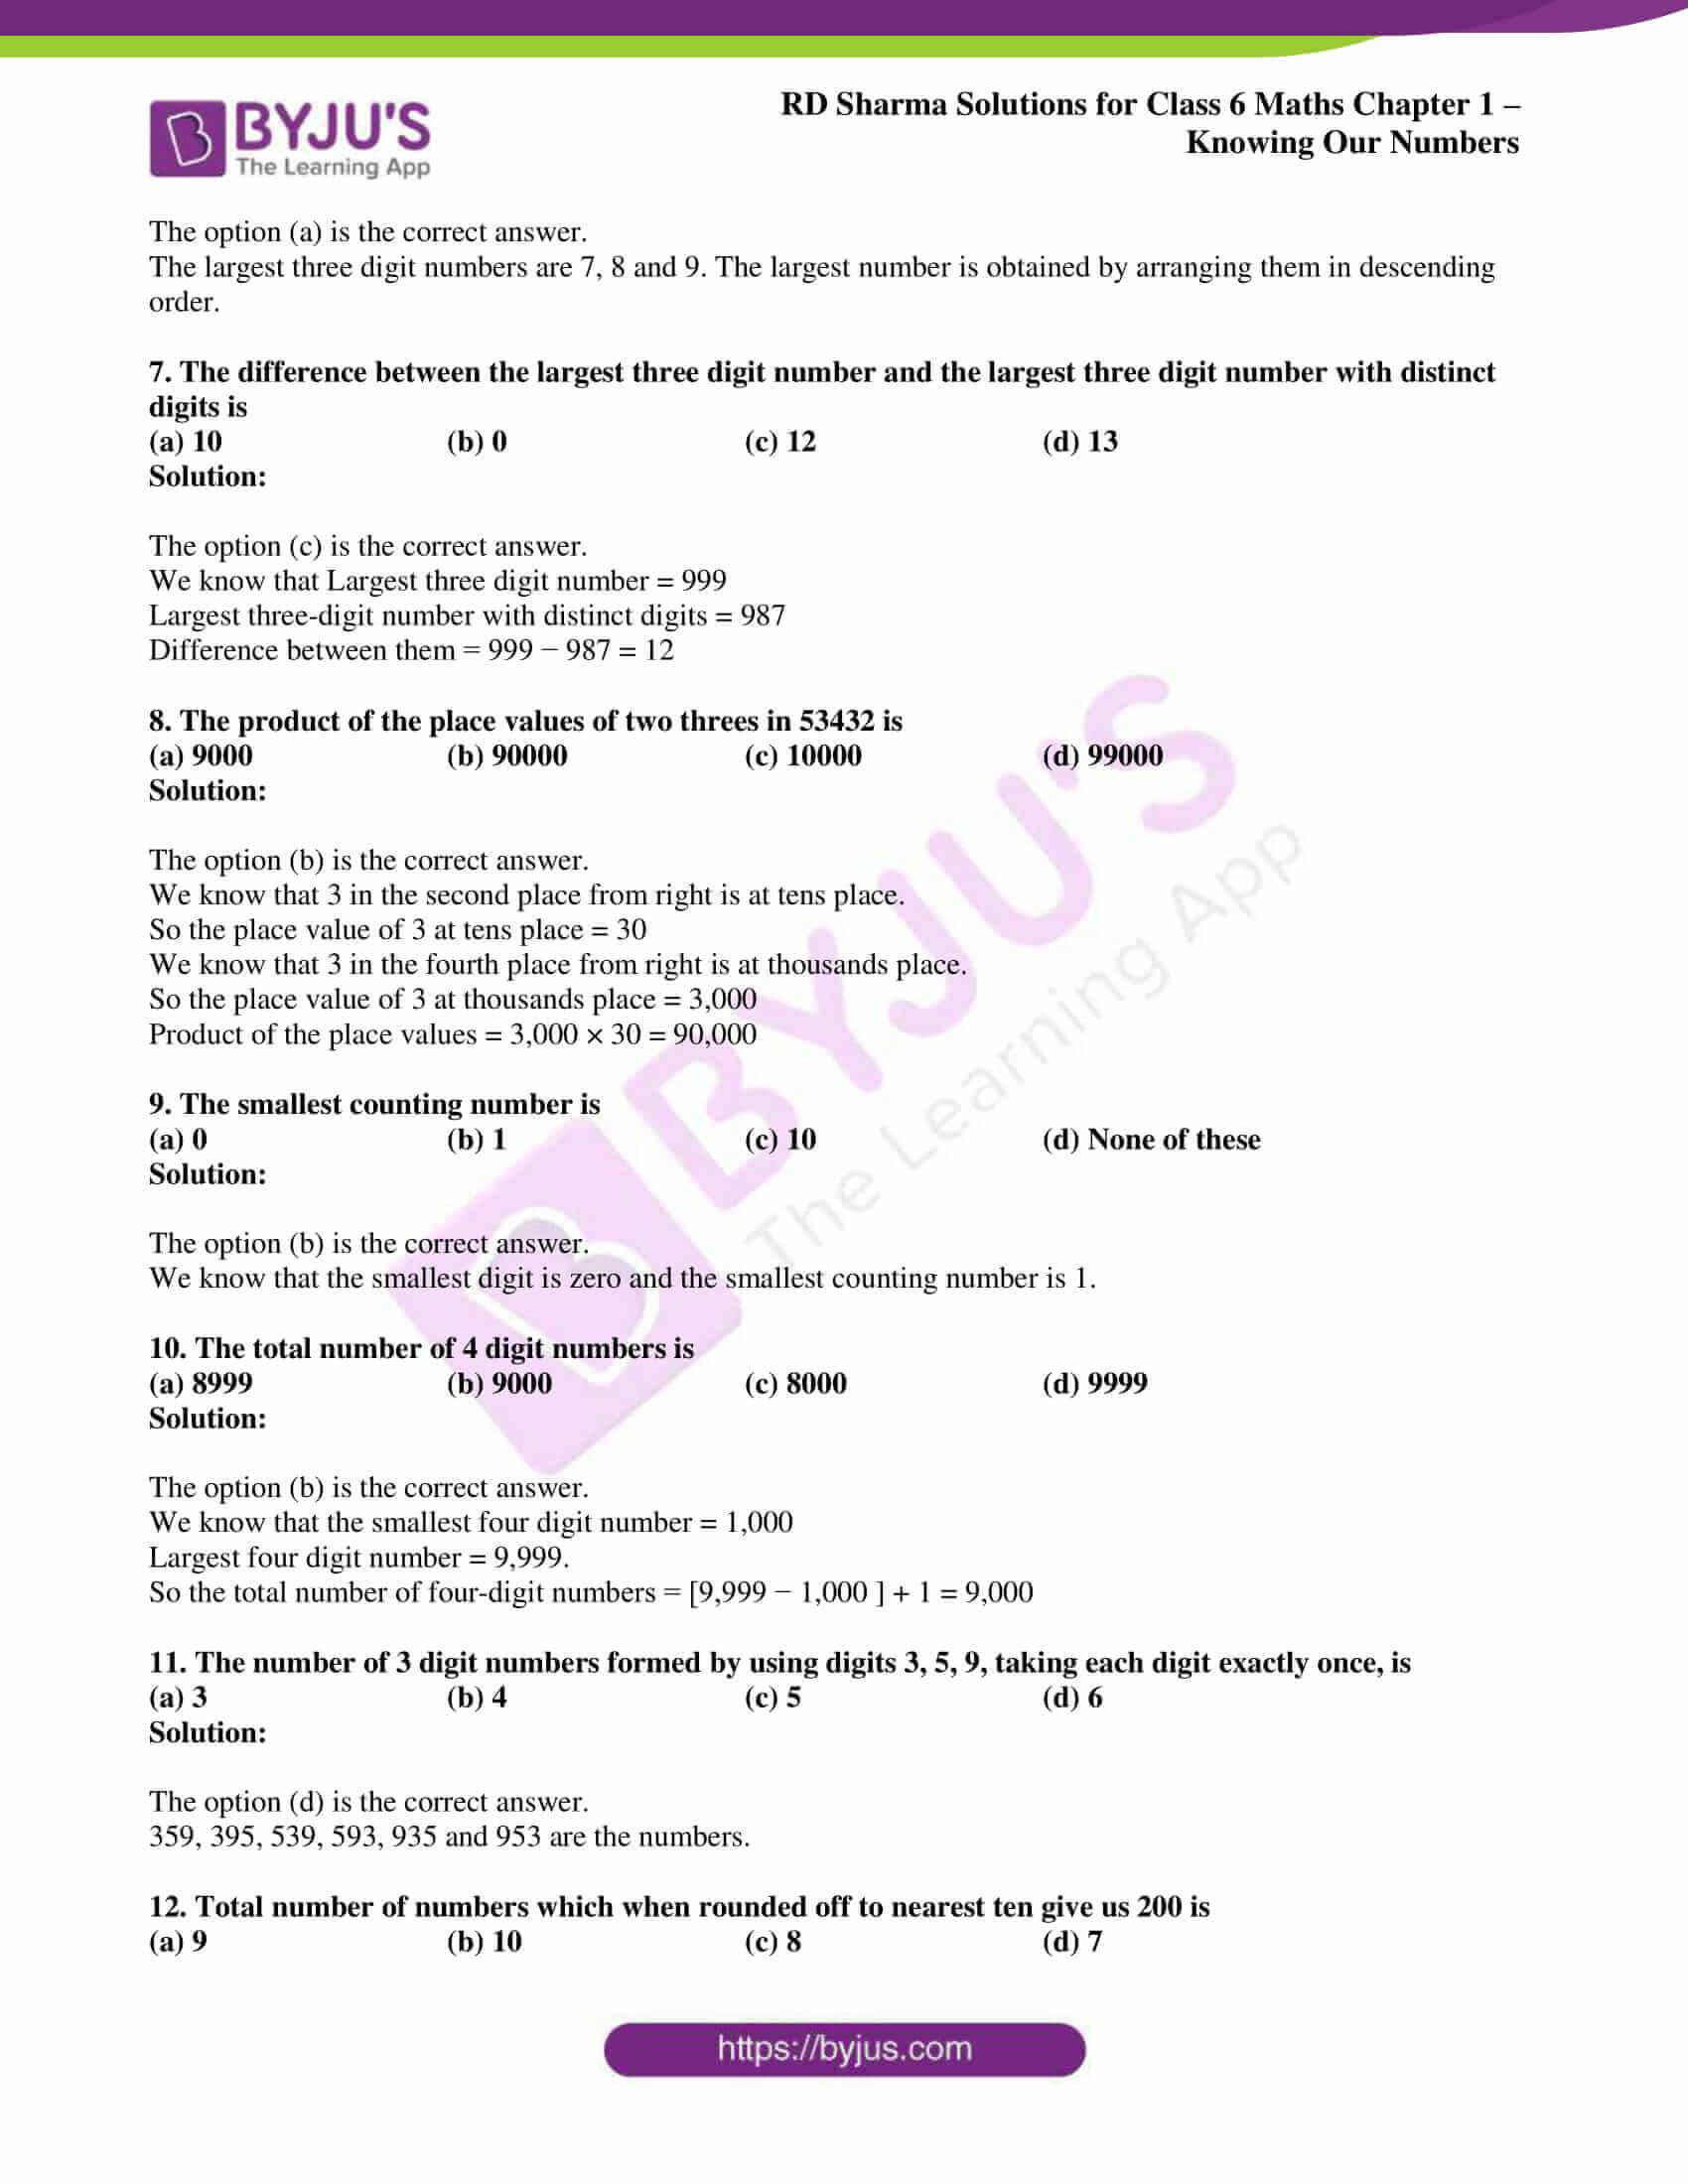 rd sharma class 6 maths solutions chapter 1 obj 2